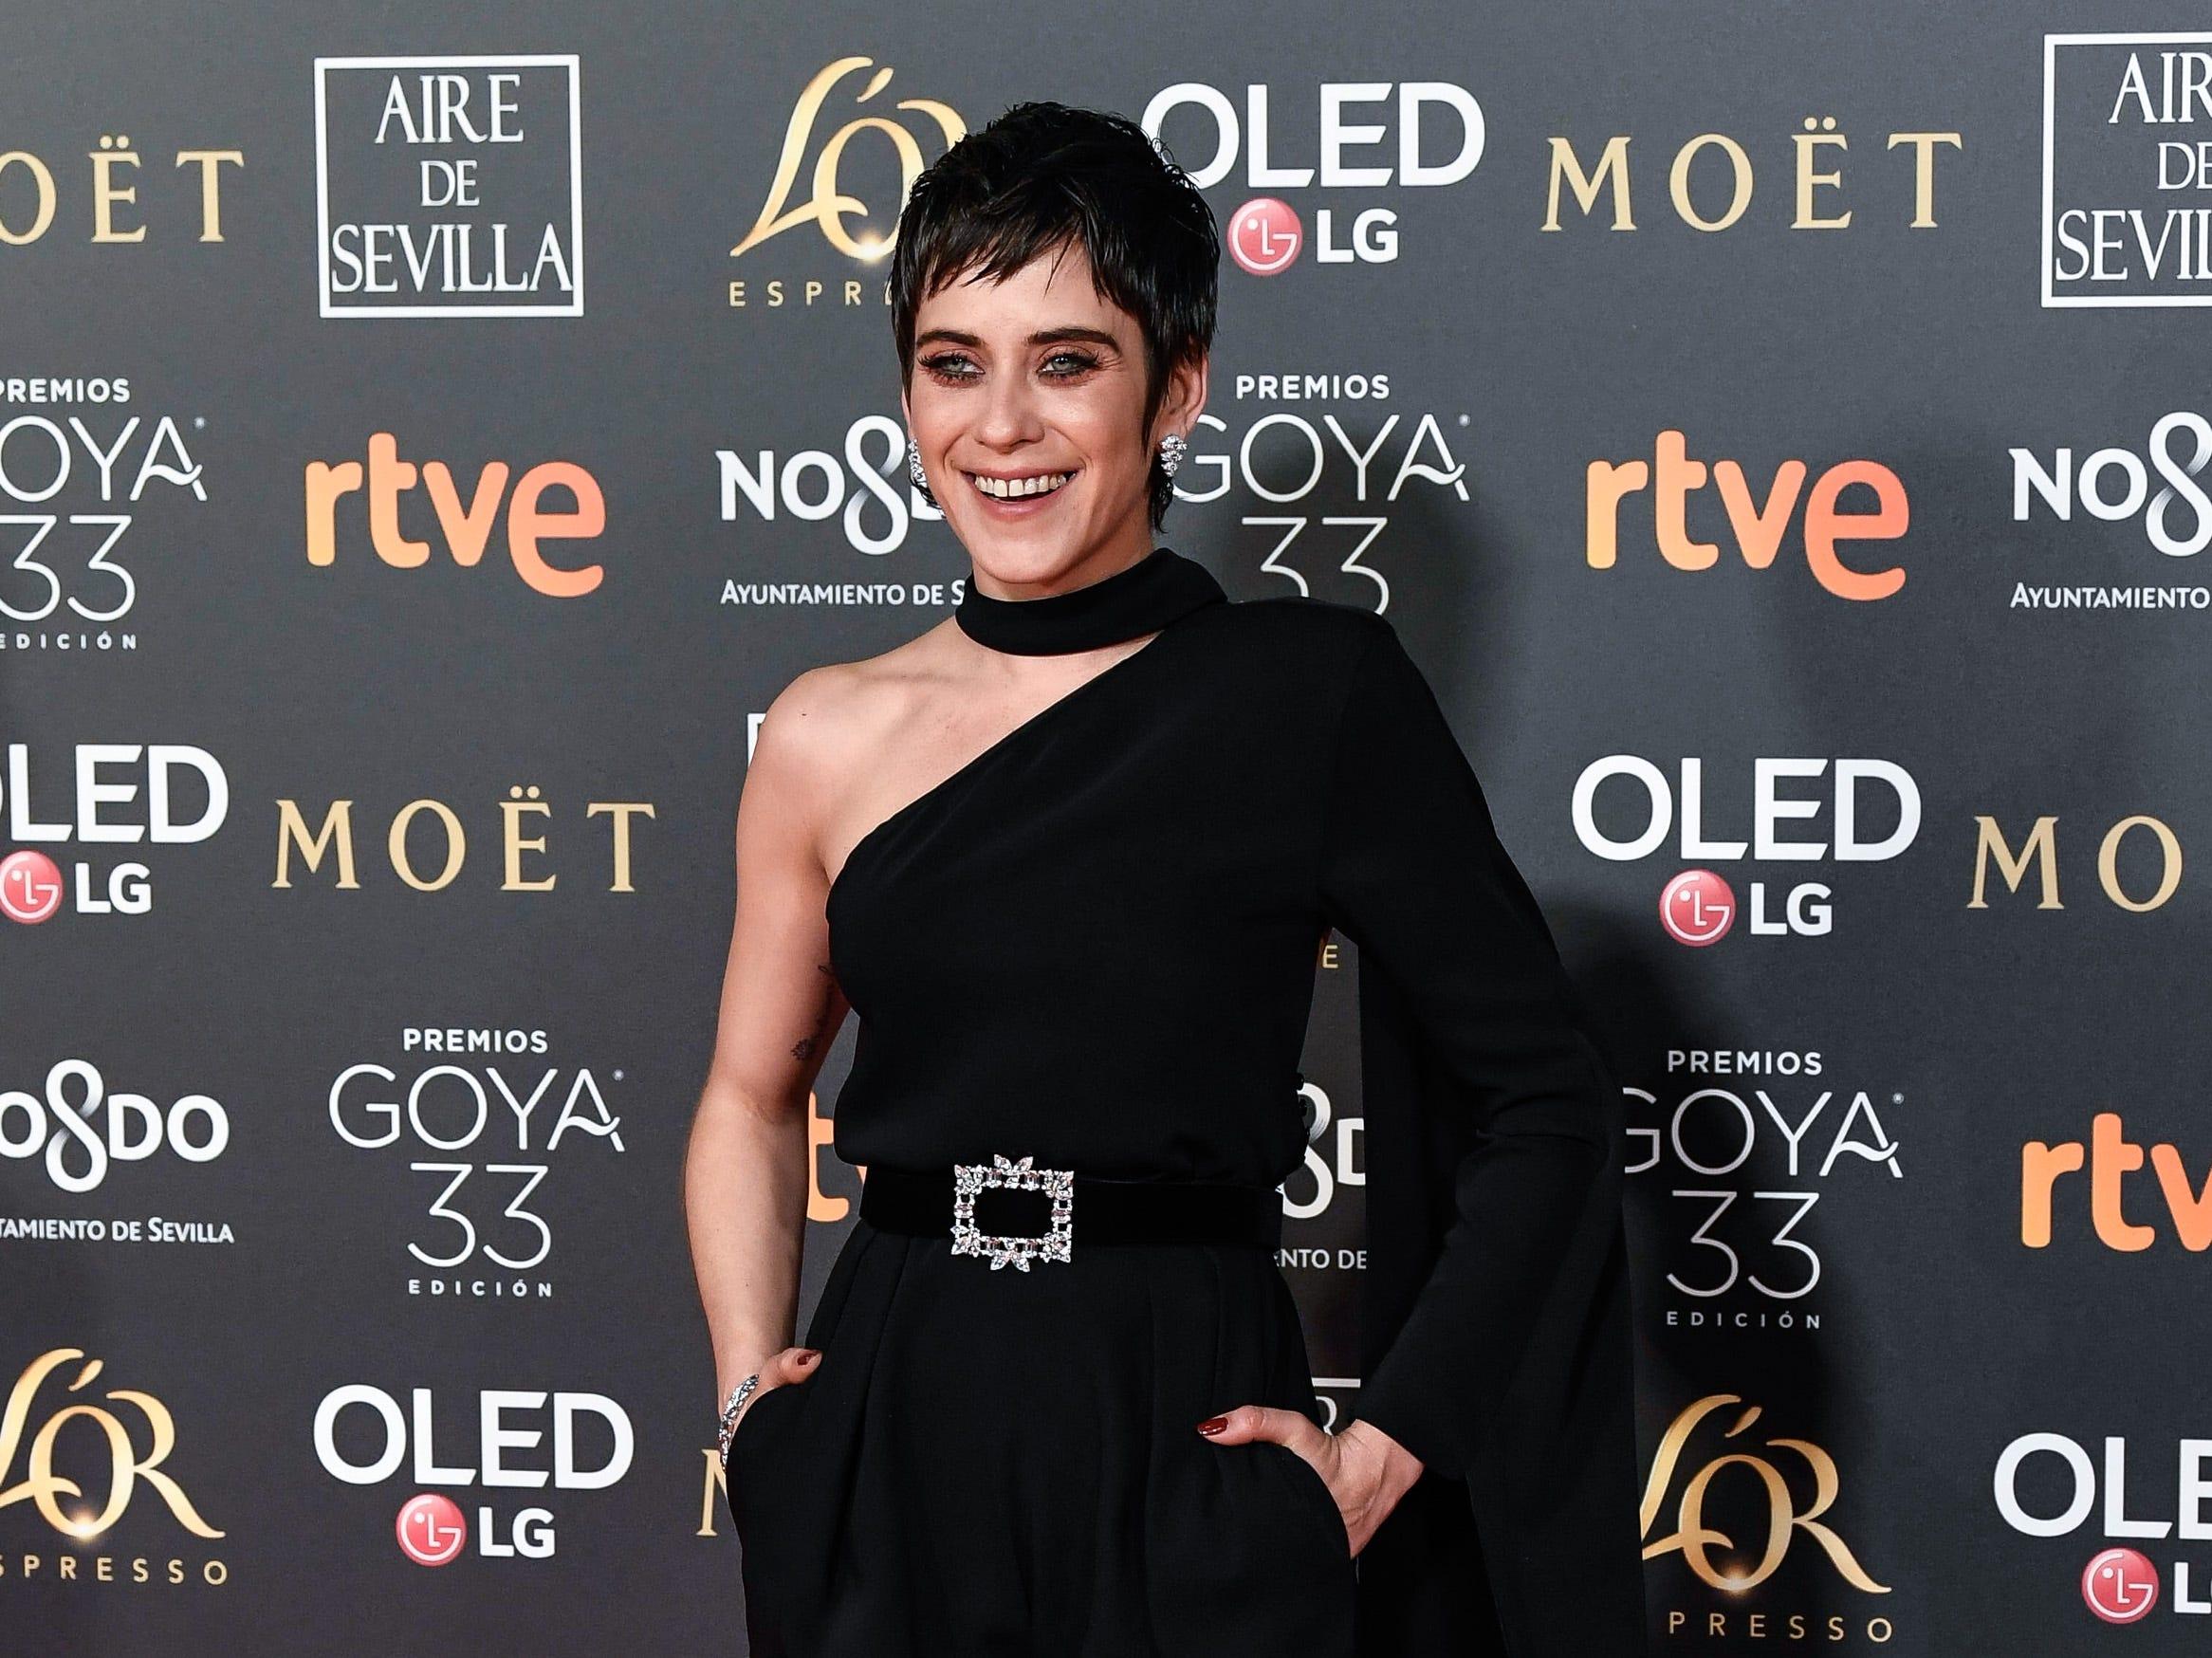 María León asiste a la 33ª edición de los Premios de Cine Goya en el Palacio de Congresos y Exposiciones FIBES el 2 de febrero de 2019 en Sevilla, España.